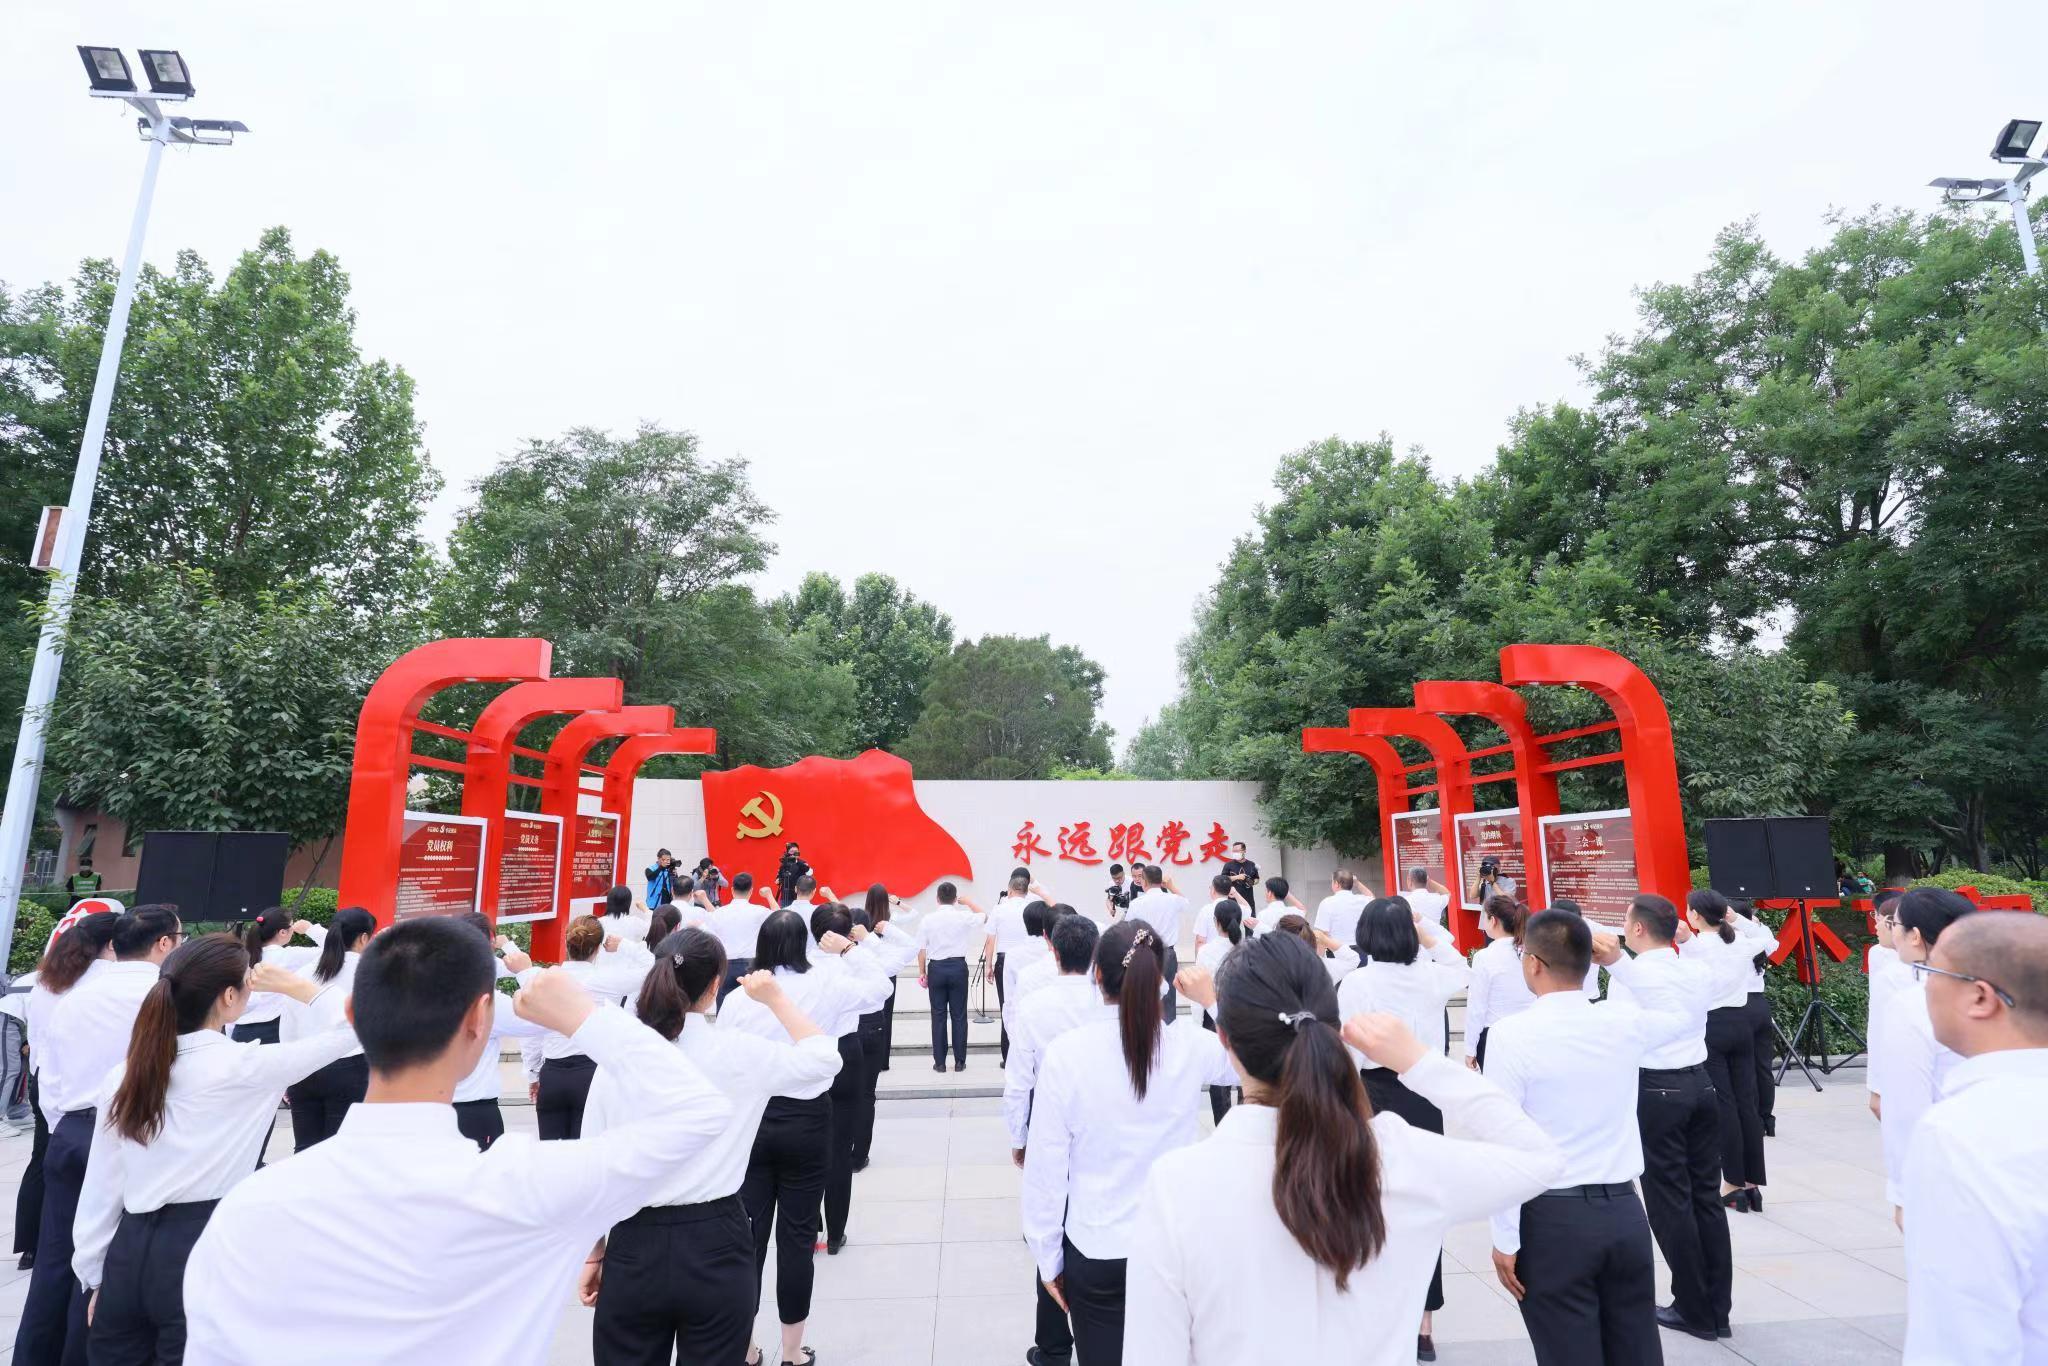 亦庄镇举办党建文化广场揭牌仪式暨党员宣誓活动